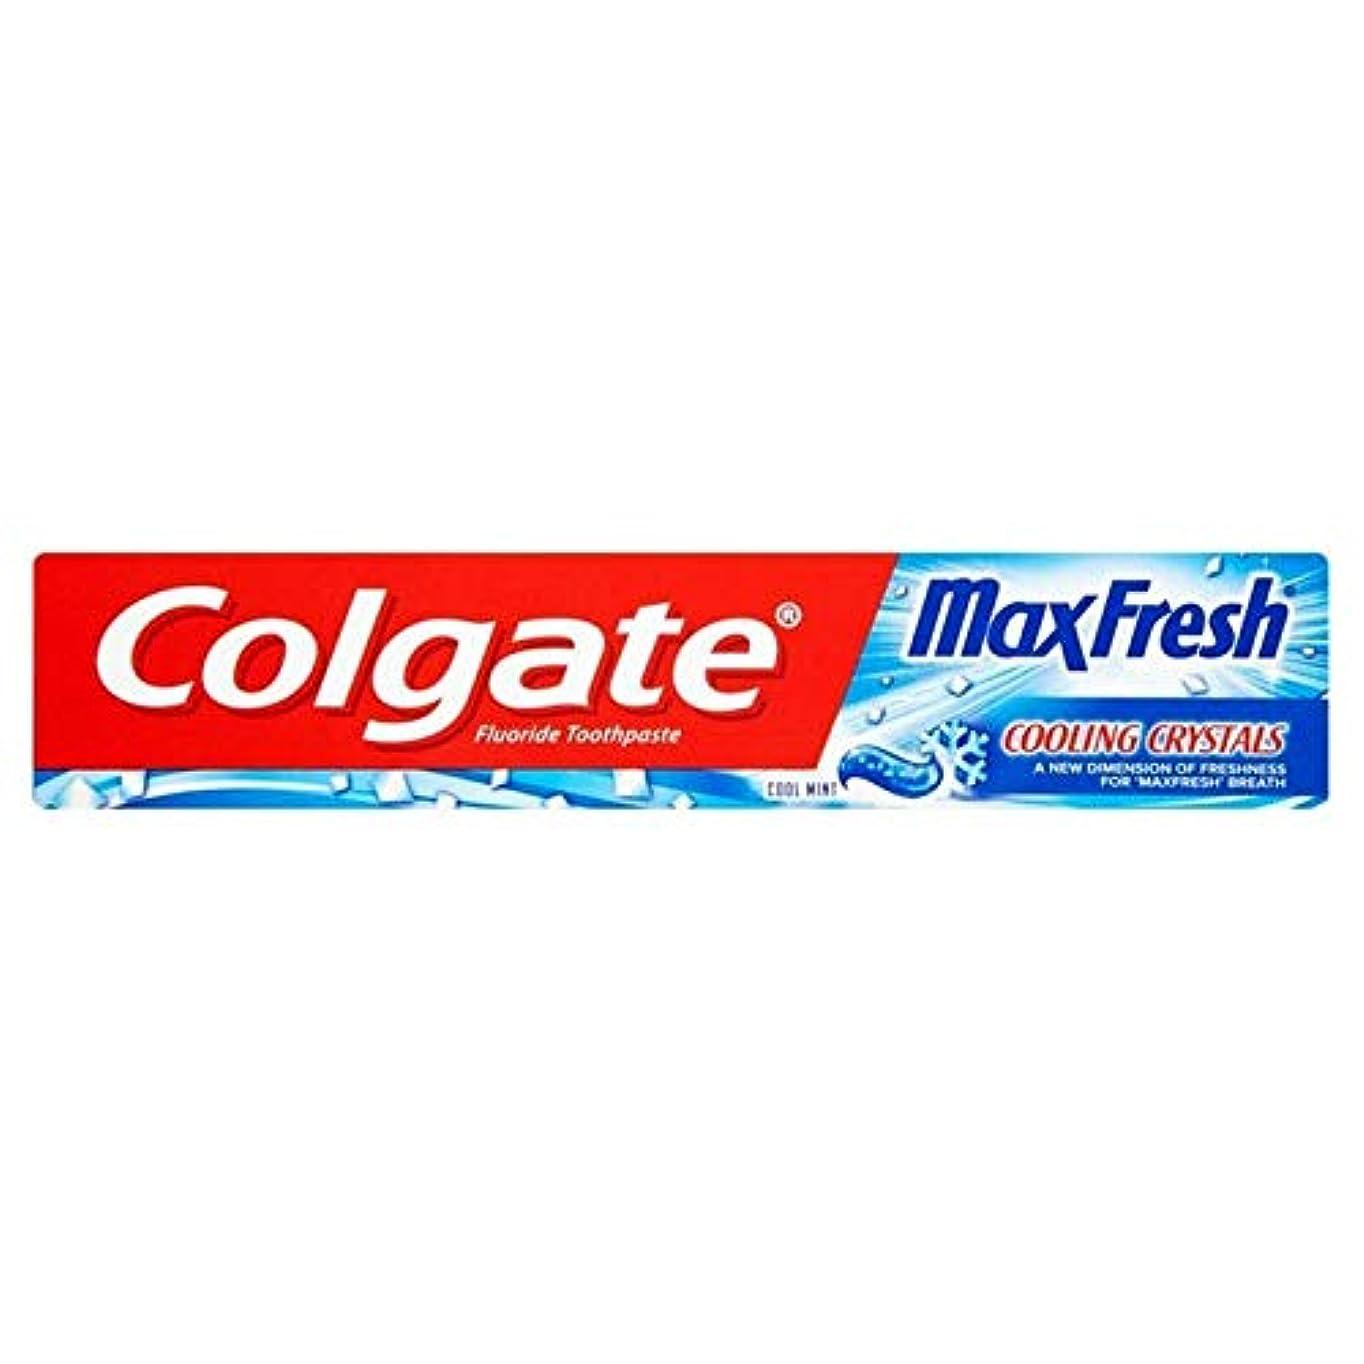 子羊電気陽性彼女は[Colgate ] 冷却結晶歯磨き粉75ミリリットル新鮮なコルゲートマックス - Colgate Max Fresh with Cooling Crystals Toothpaste 75ml [並行輸入品]